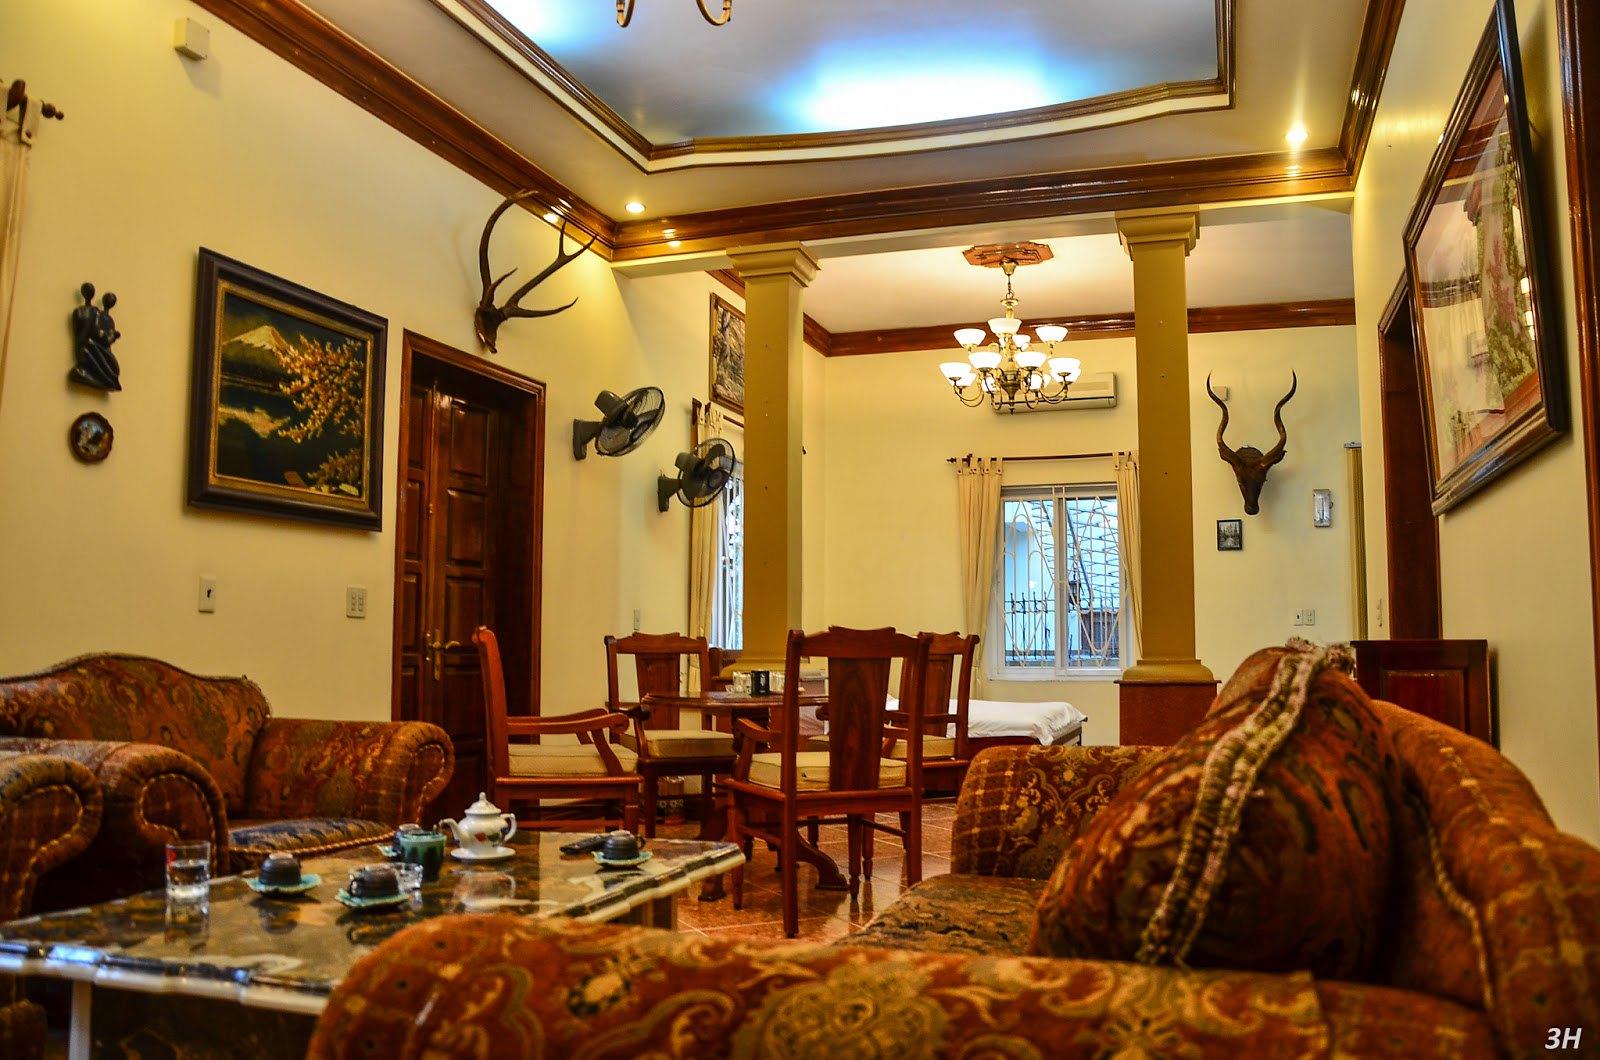 """Phòng khách căn hộ khách sạn cao cấp - Tân Long Văn Cao Garden Serviced Apartment & Hotel  <img src=""""images/"""" width="""""""" height="""""""" alt=""""Công ty Bất Động Sản Tanlong Land"""">"""